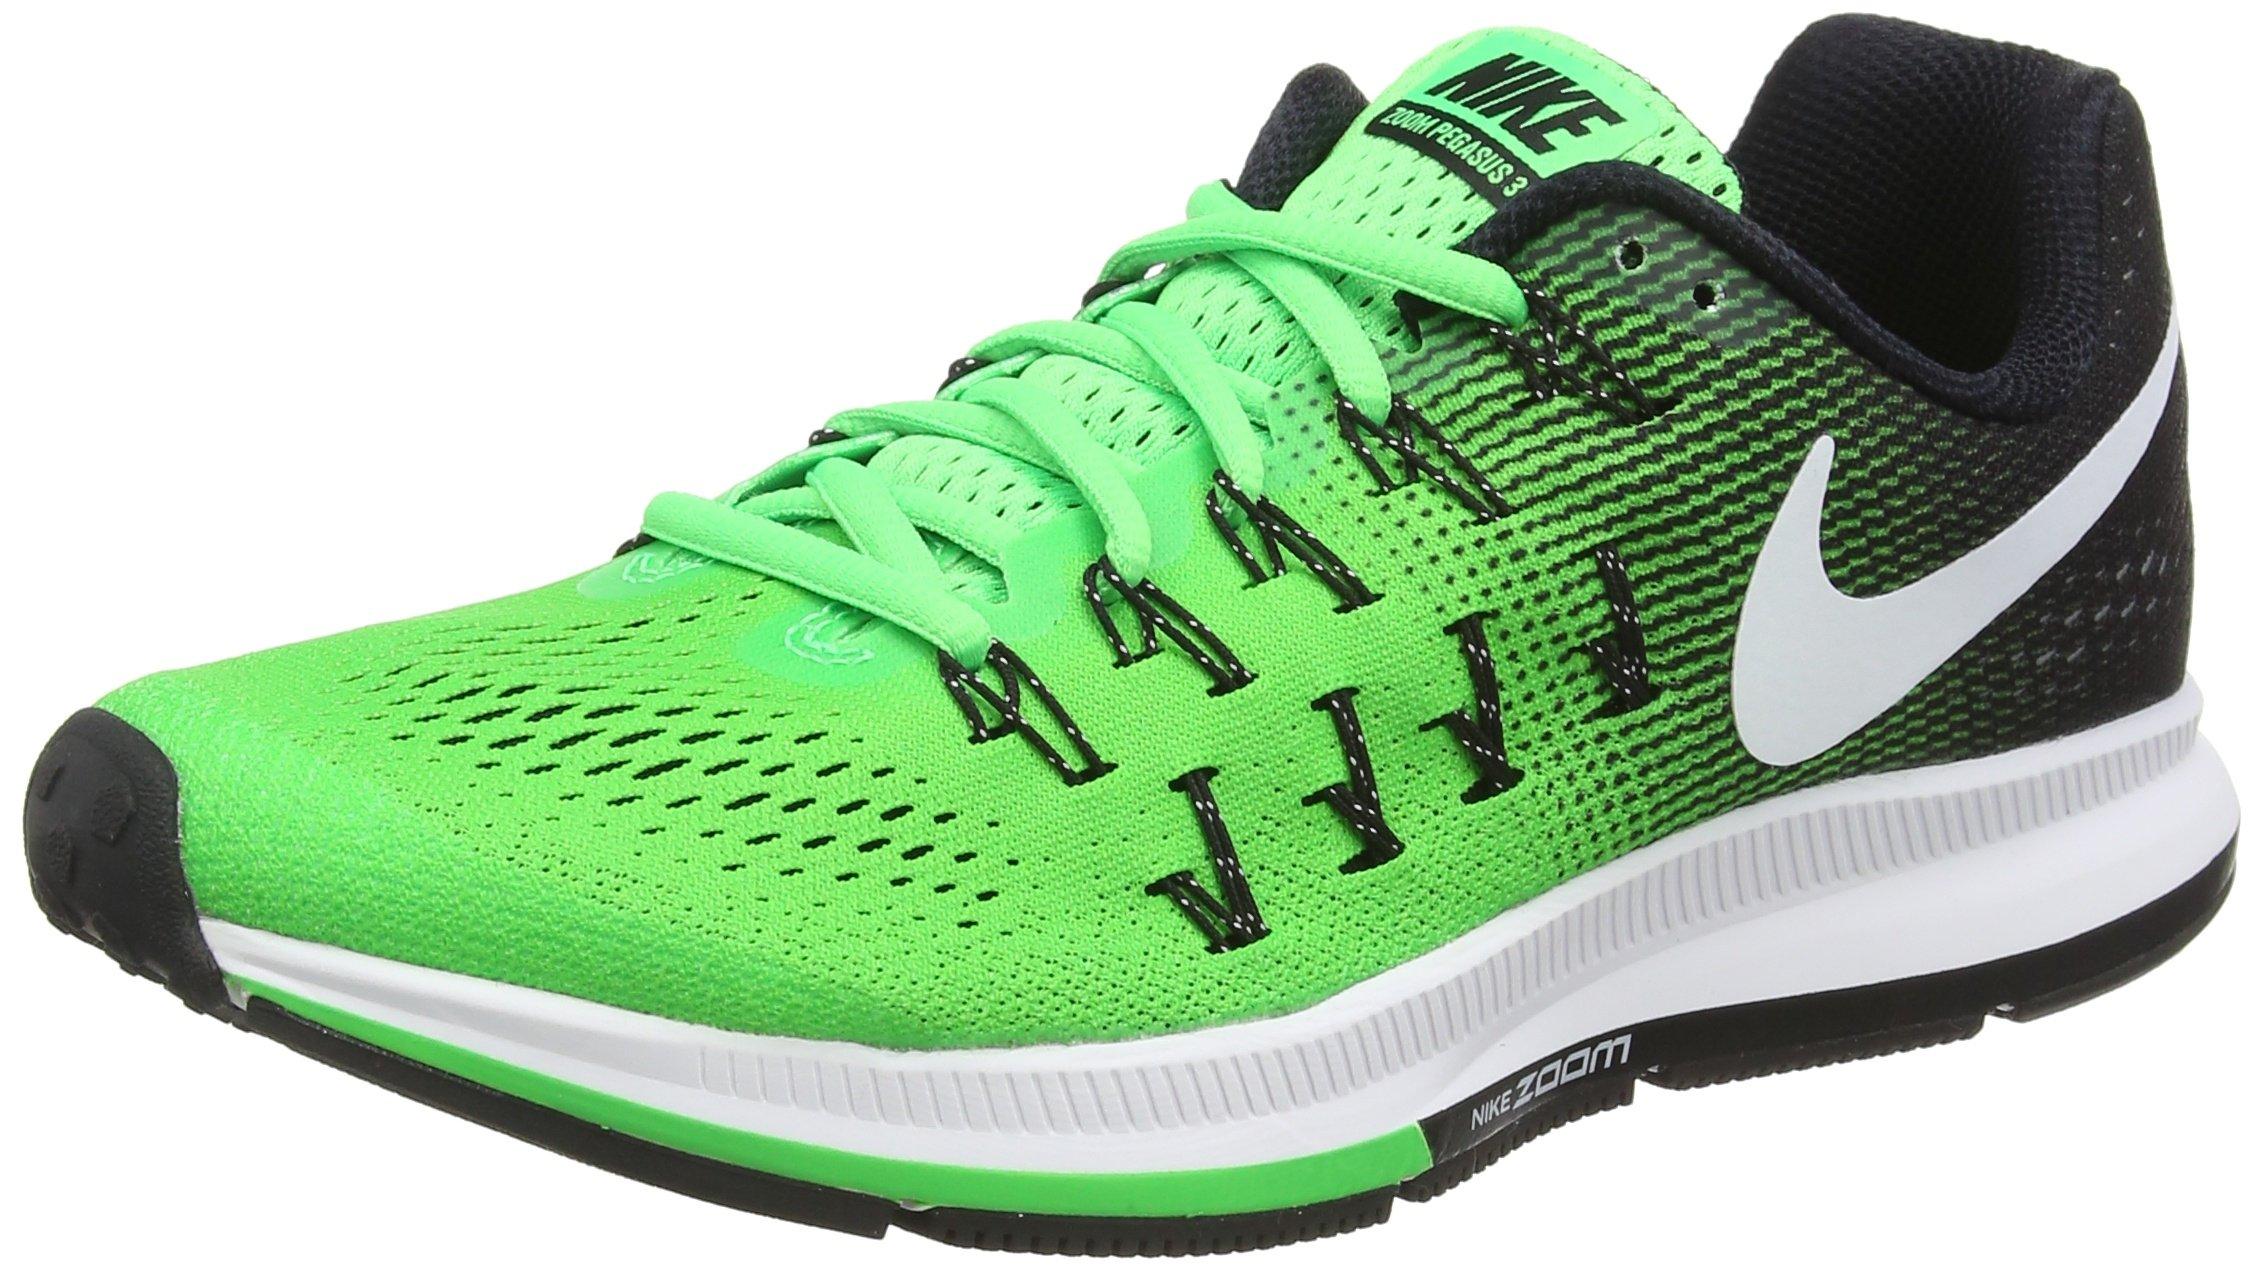 Zoom 33Chaussures Nike weiß38 schwarz 5 Compétition Air Green Pegasus De HommeVertrage Running Eu n0k8PXOw